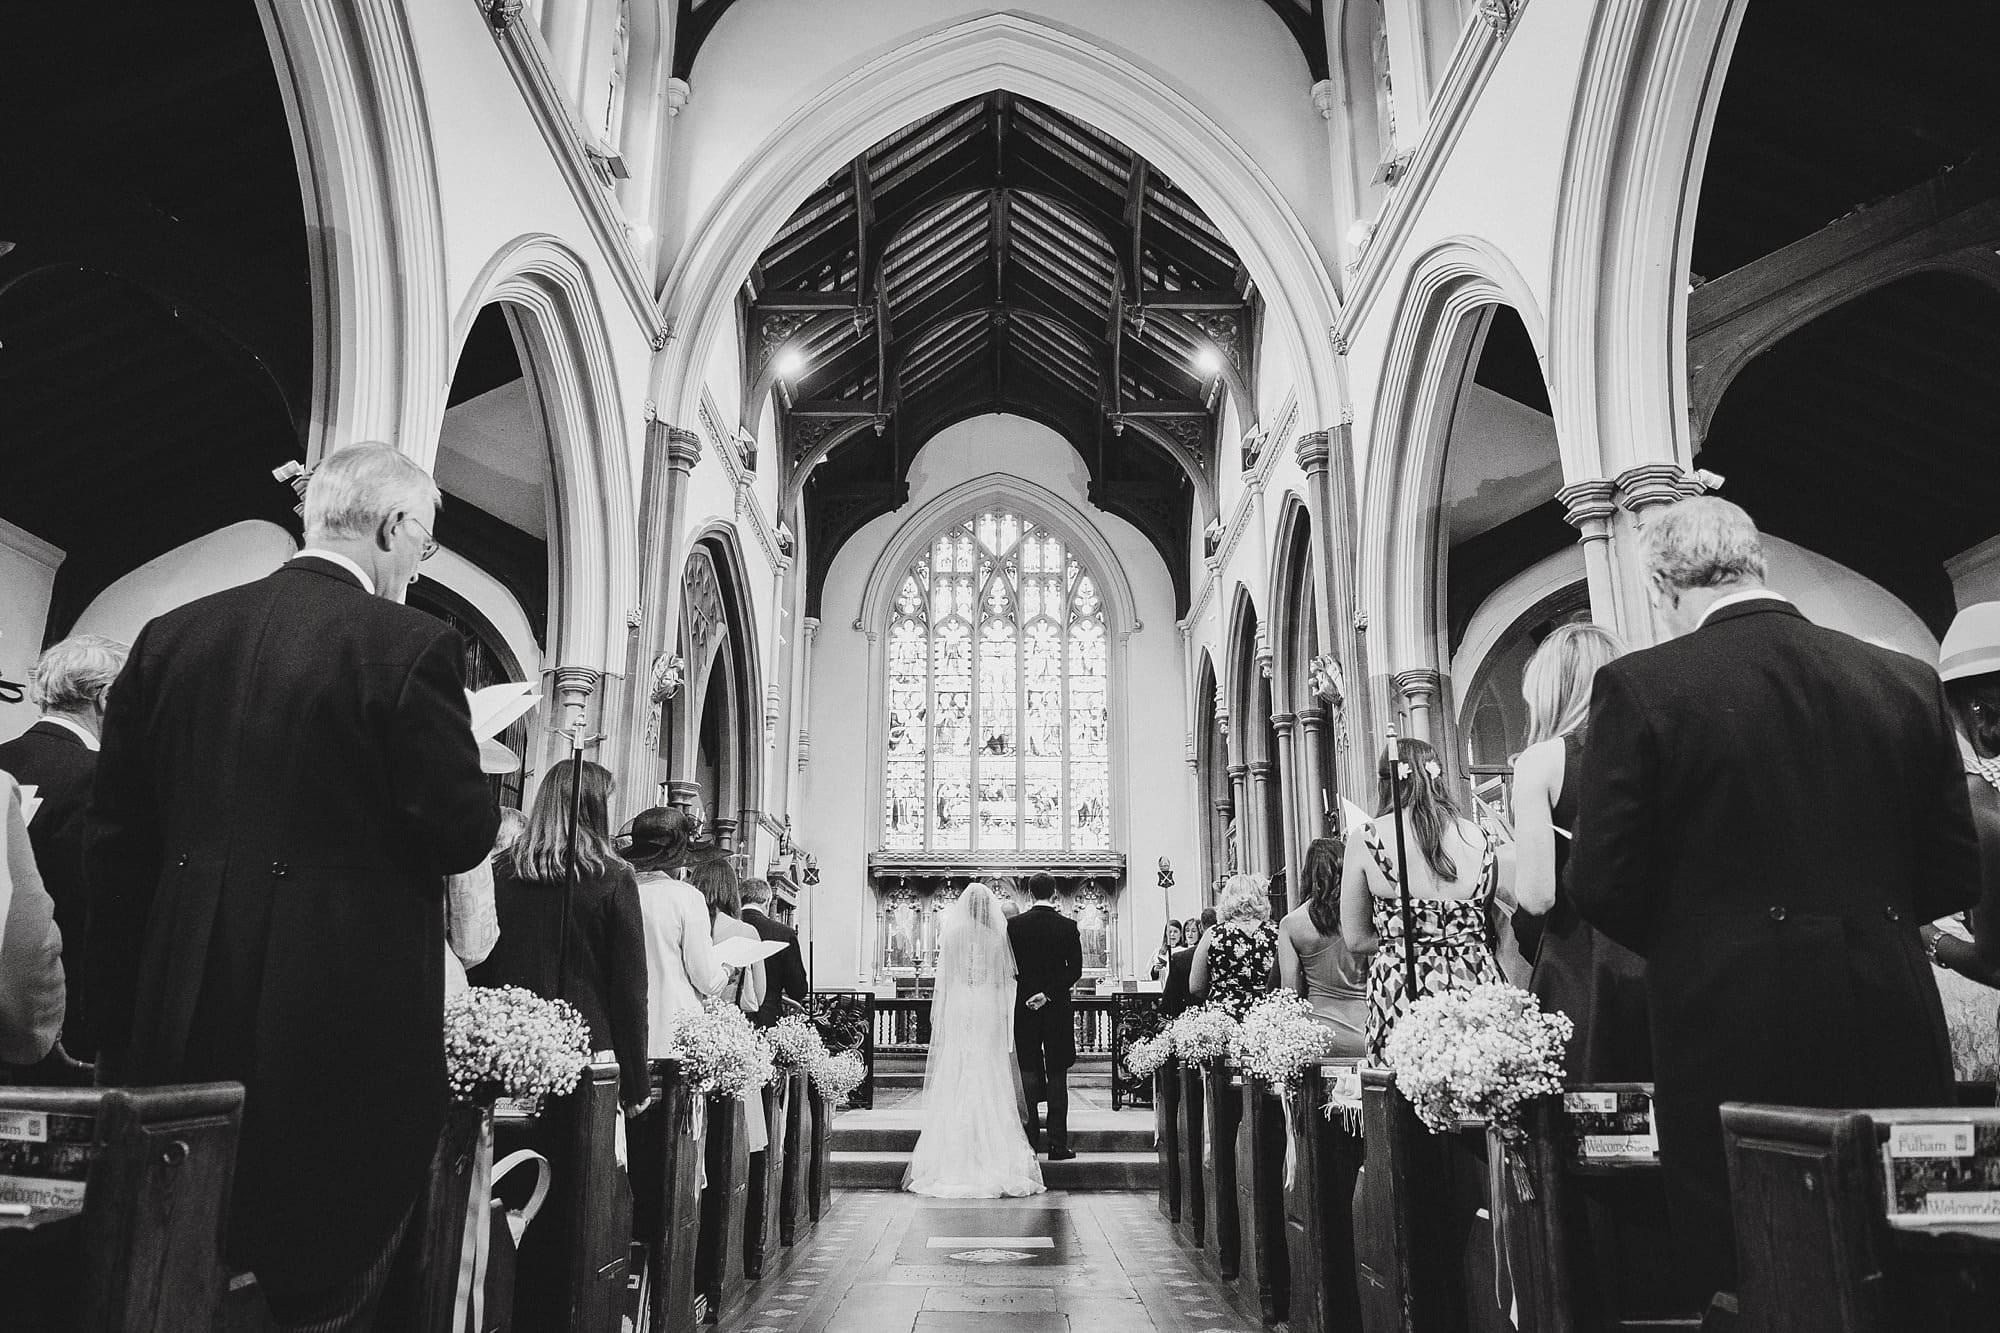 fulham palace wedding photographer 031 - Rosanna & Duncan's Fulham Palace Wedding